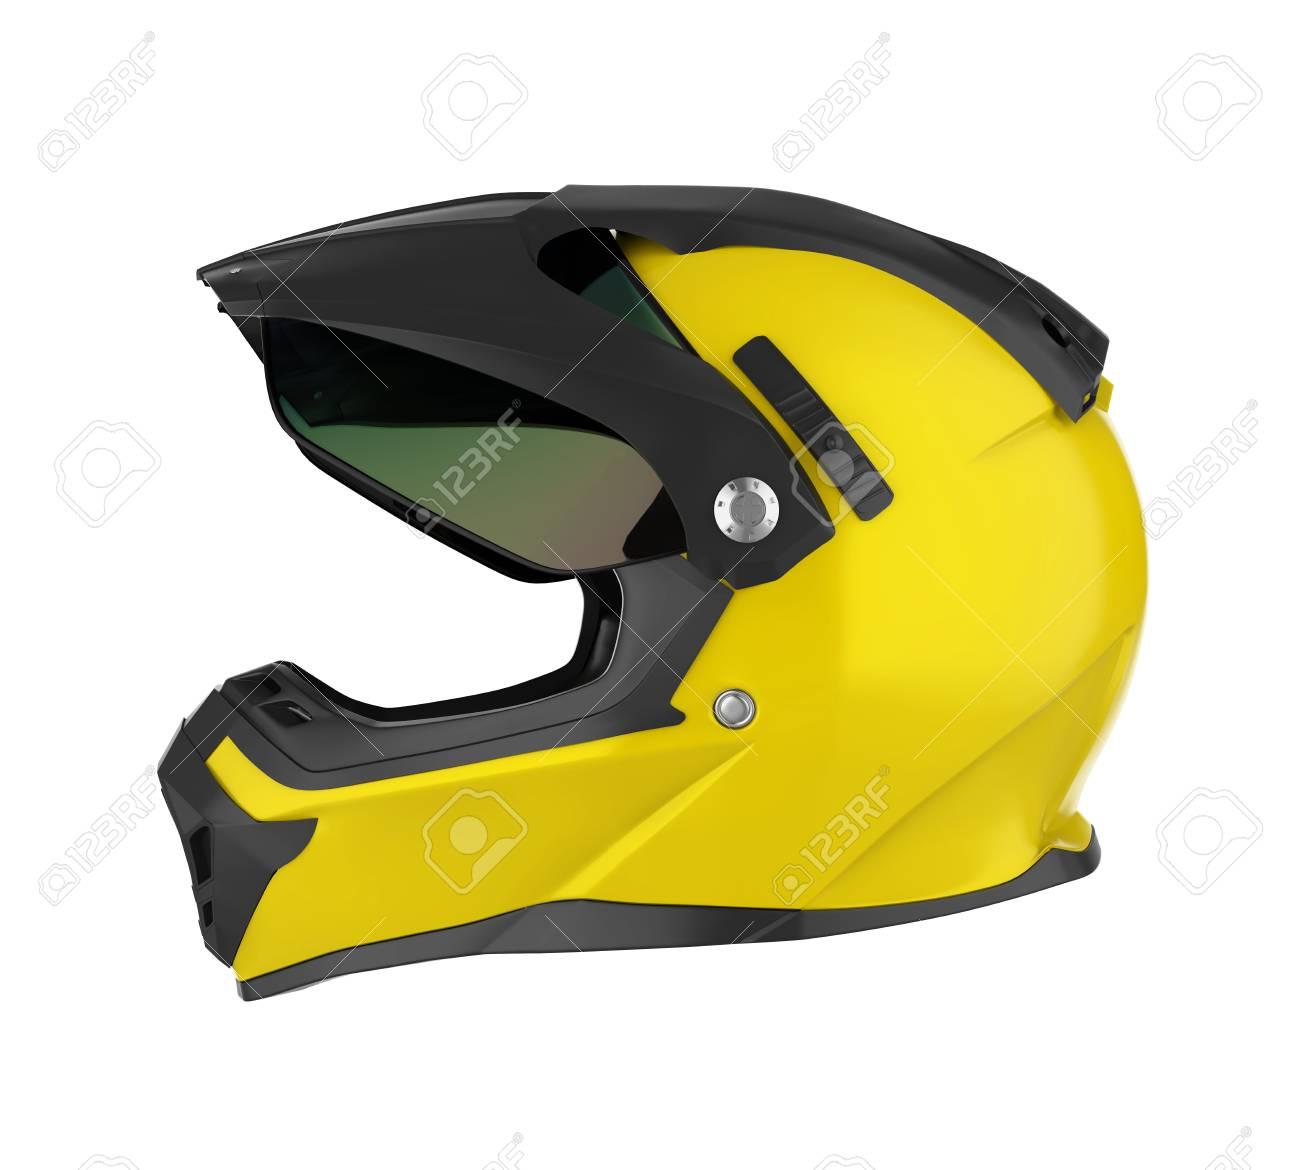 モトクロス ヘルメット